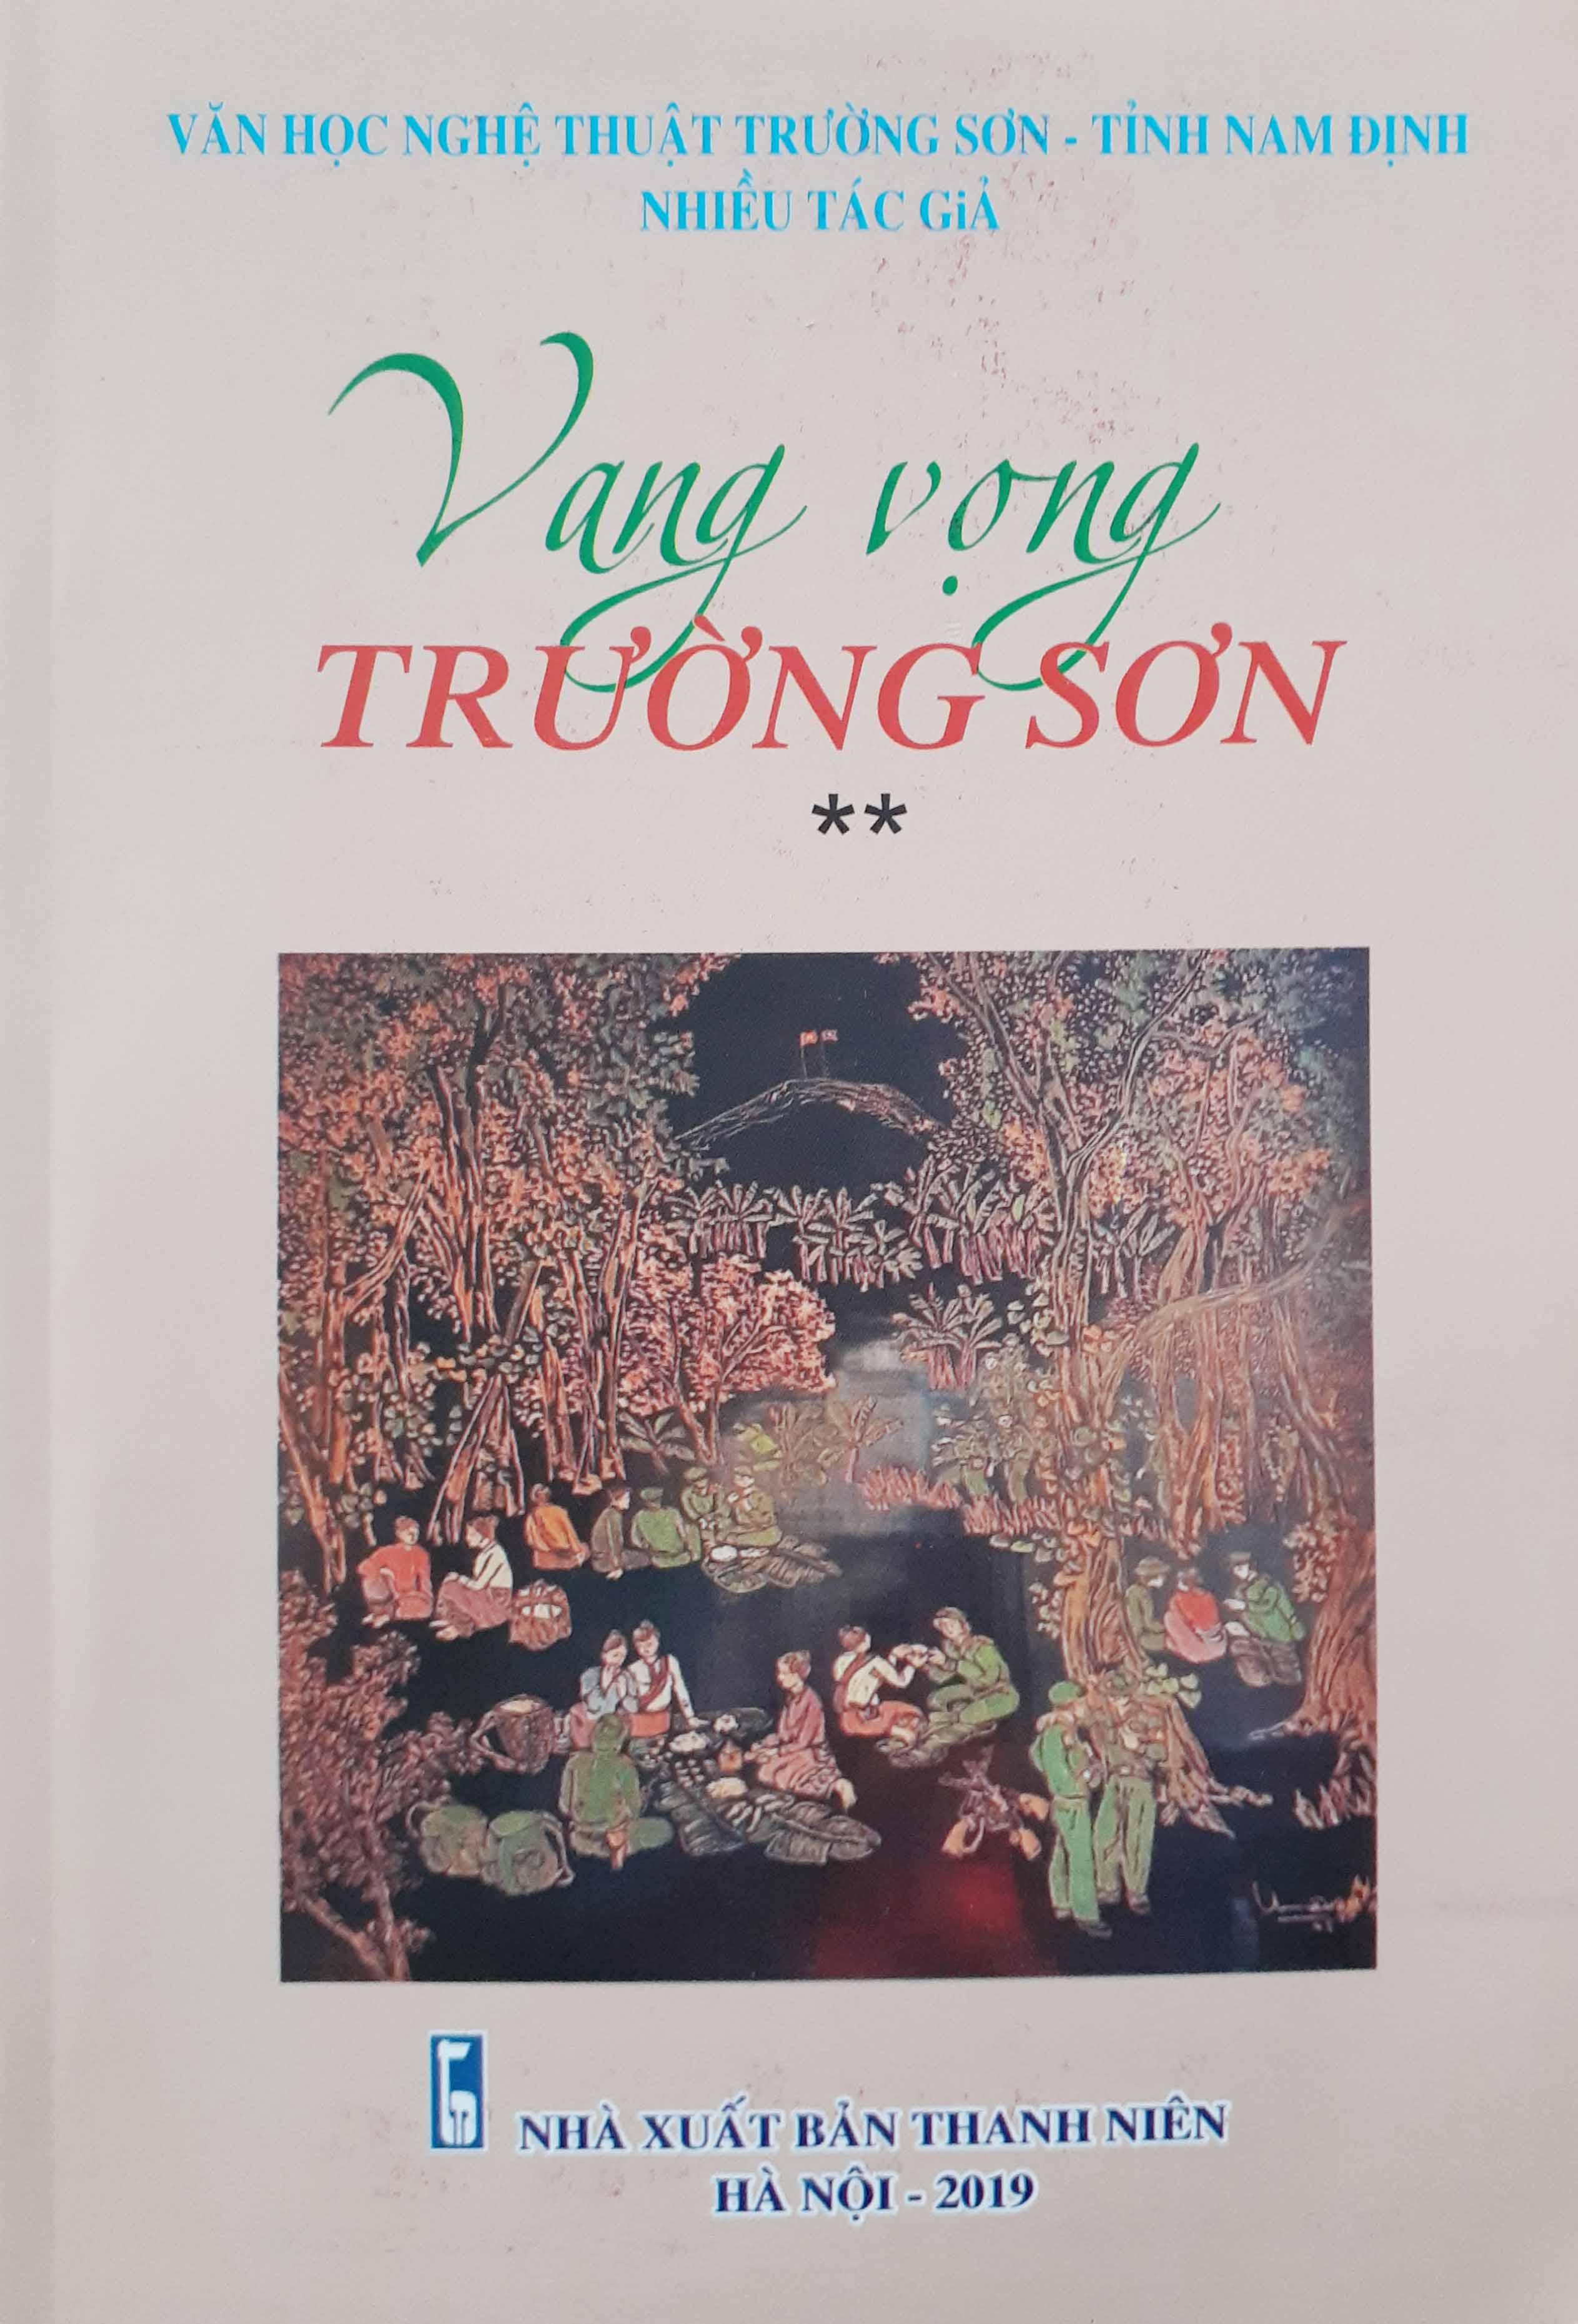 Vang vọng Trường Sơn - sách của VHNT Trường Sơn Nam Định